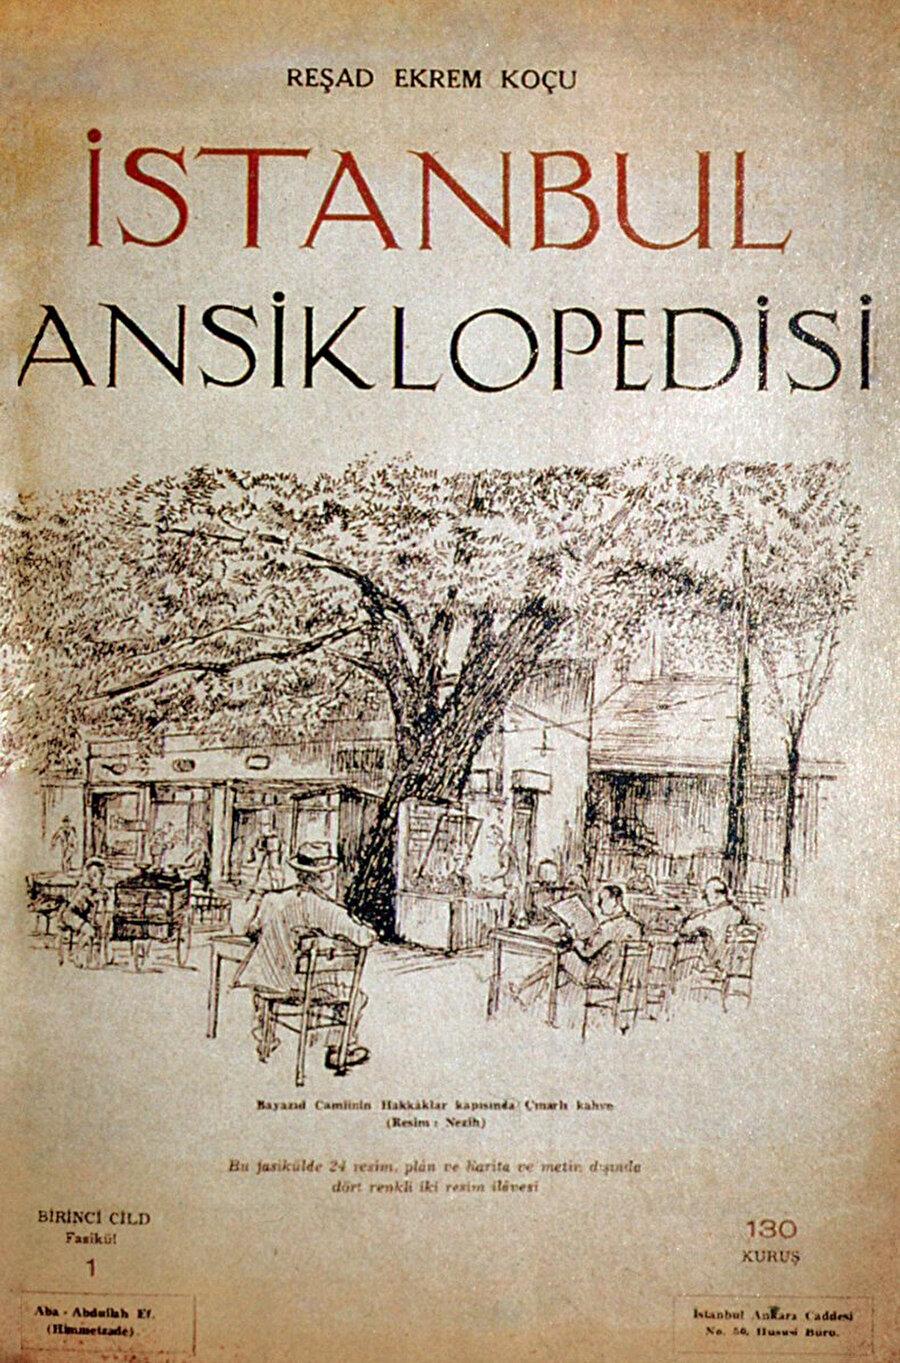 """""""G"""" harfinin ortalarında kalıp tamamlanamamış meşhur İstanbul Ansiklopedisi, bazı katkılar ve kendisinin müstear isimlerle yazdığı maddelerle birlikte Koçu'nun eseri."""